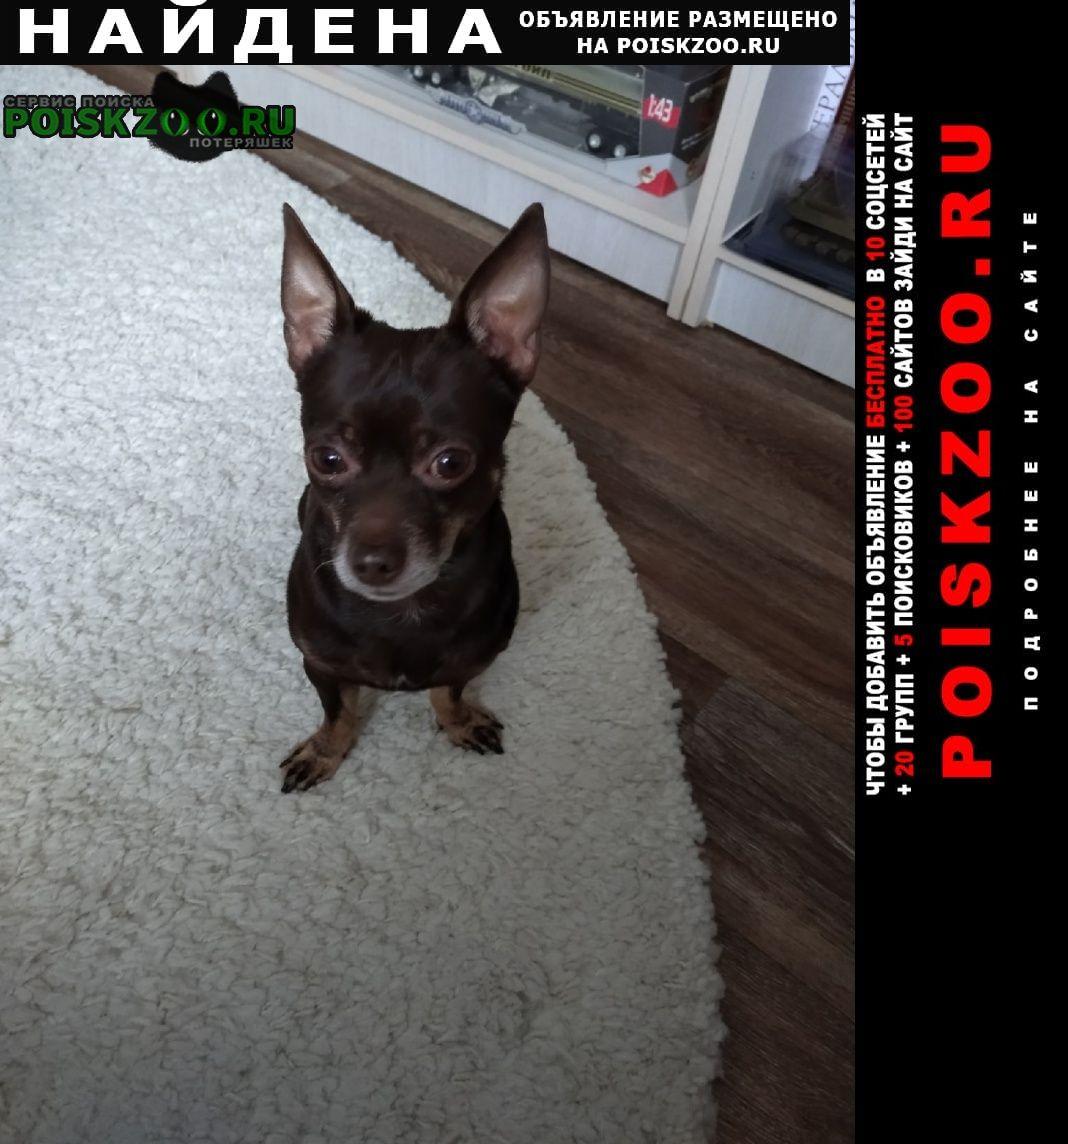 Найдена собака кобель Копейск